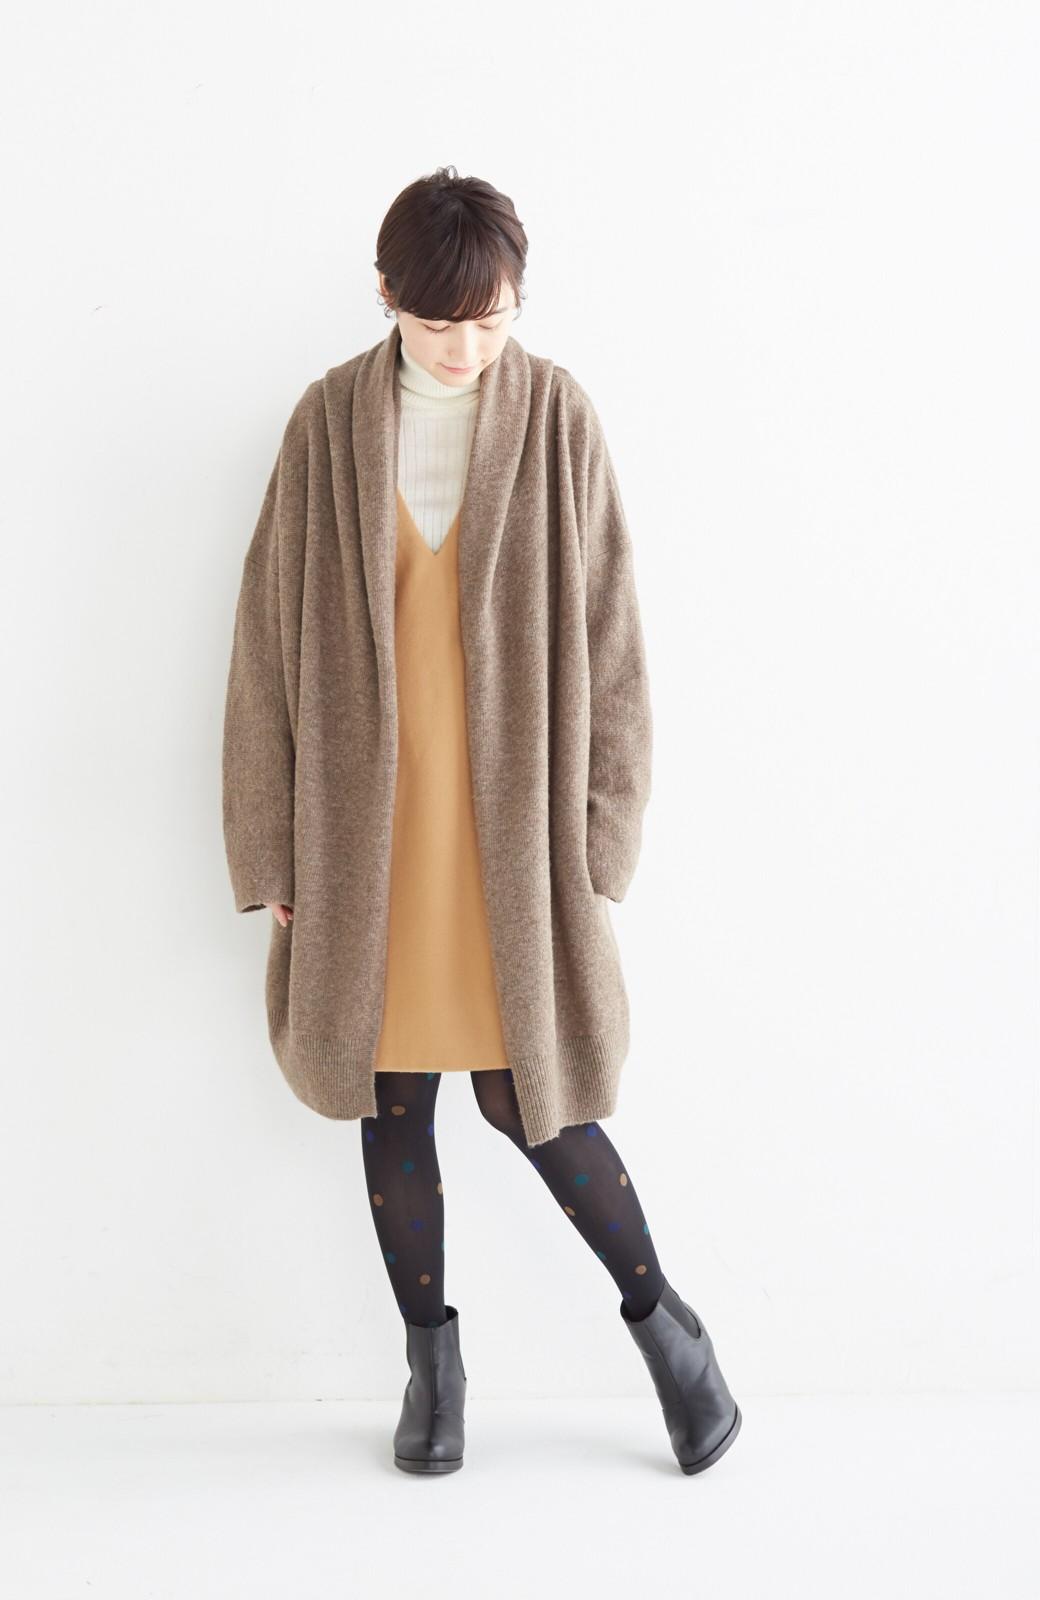 エムトロワ ぱっと羽織るのに便利な軽くてあったかいニットガウンコート <ブラウン>の商品写真4